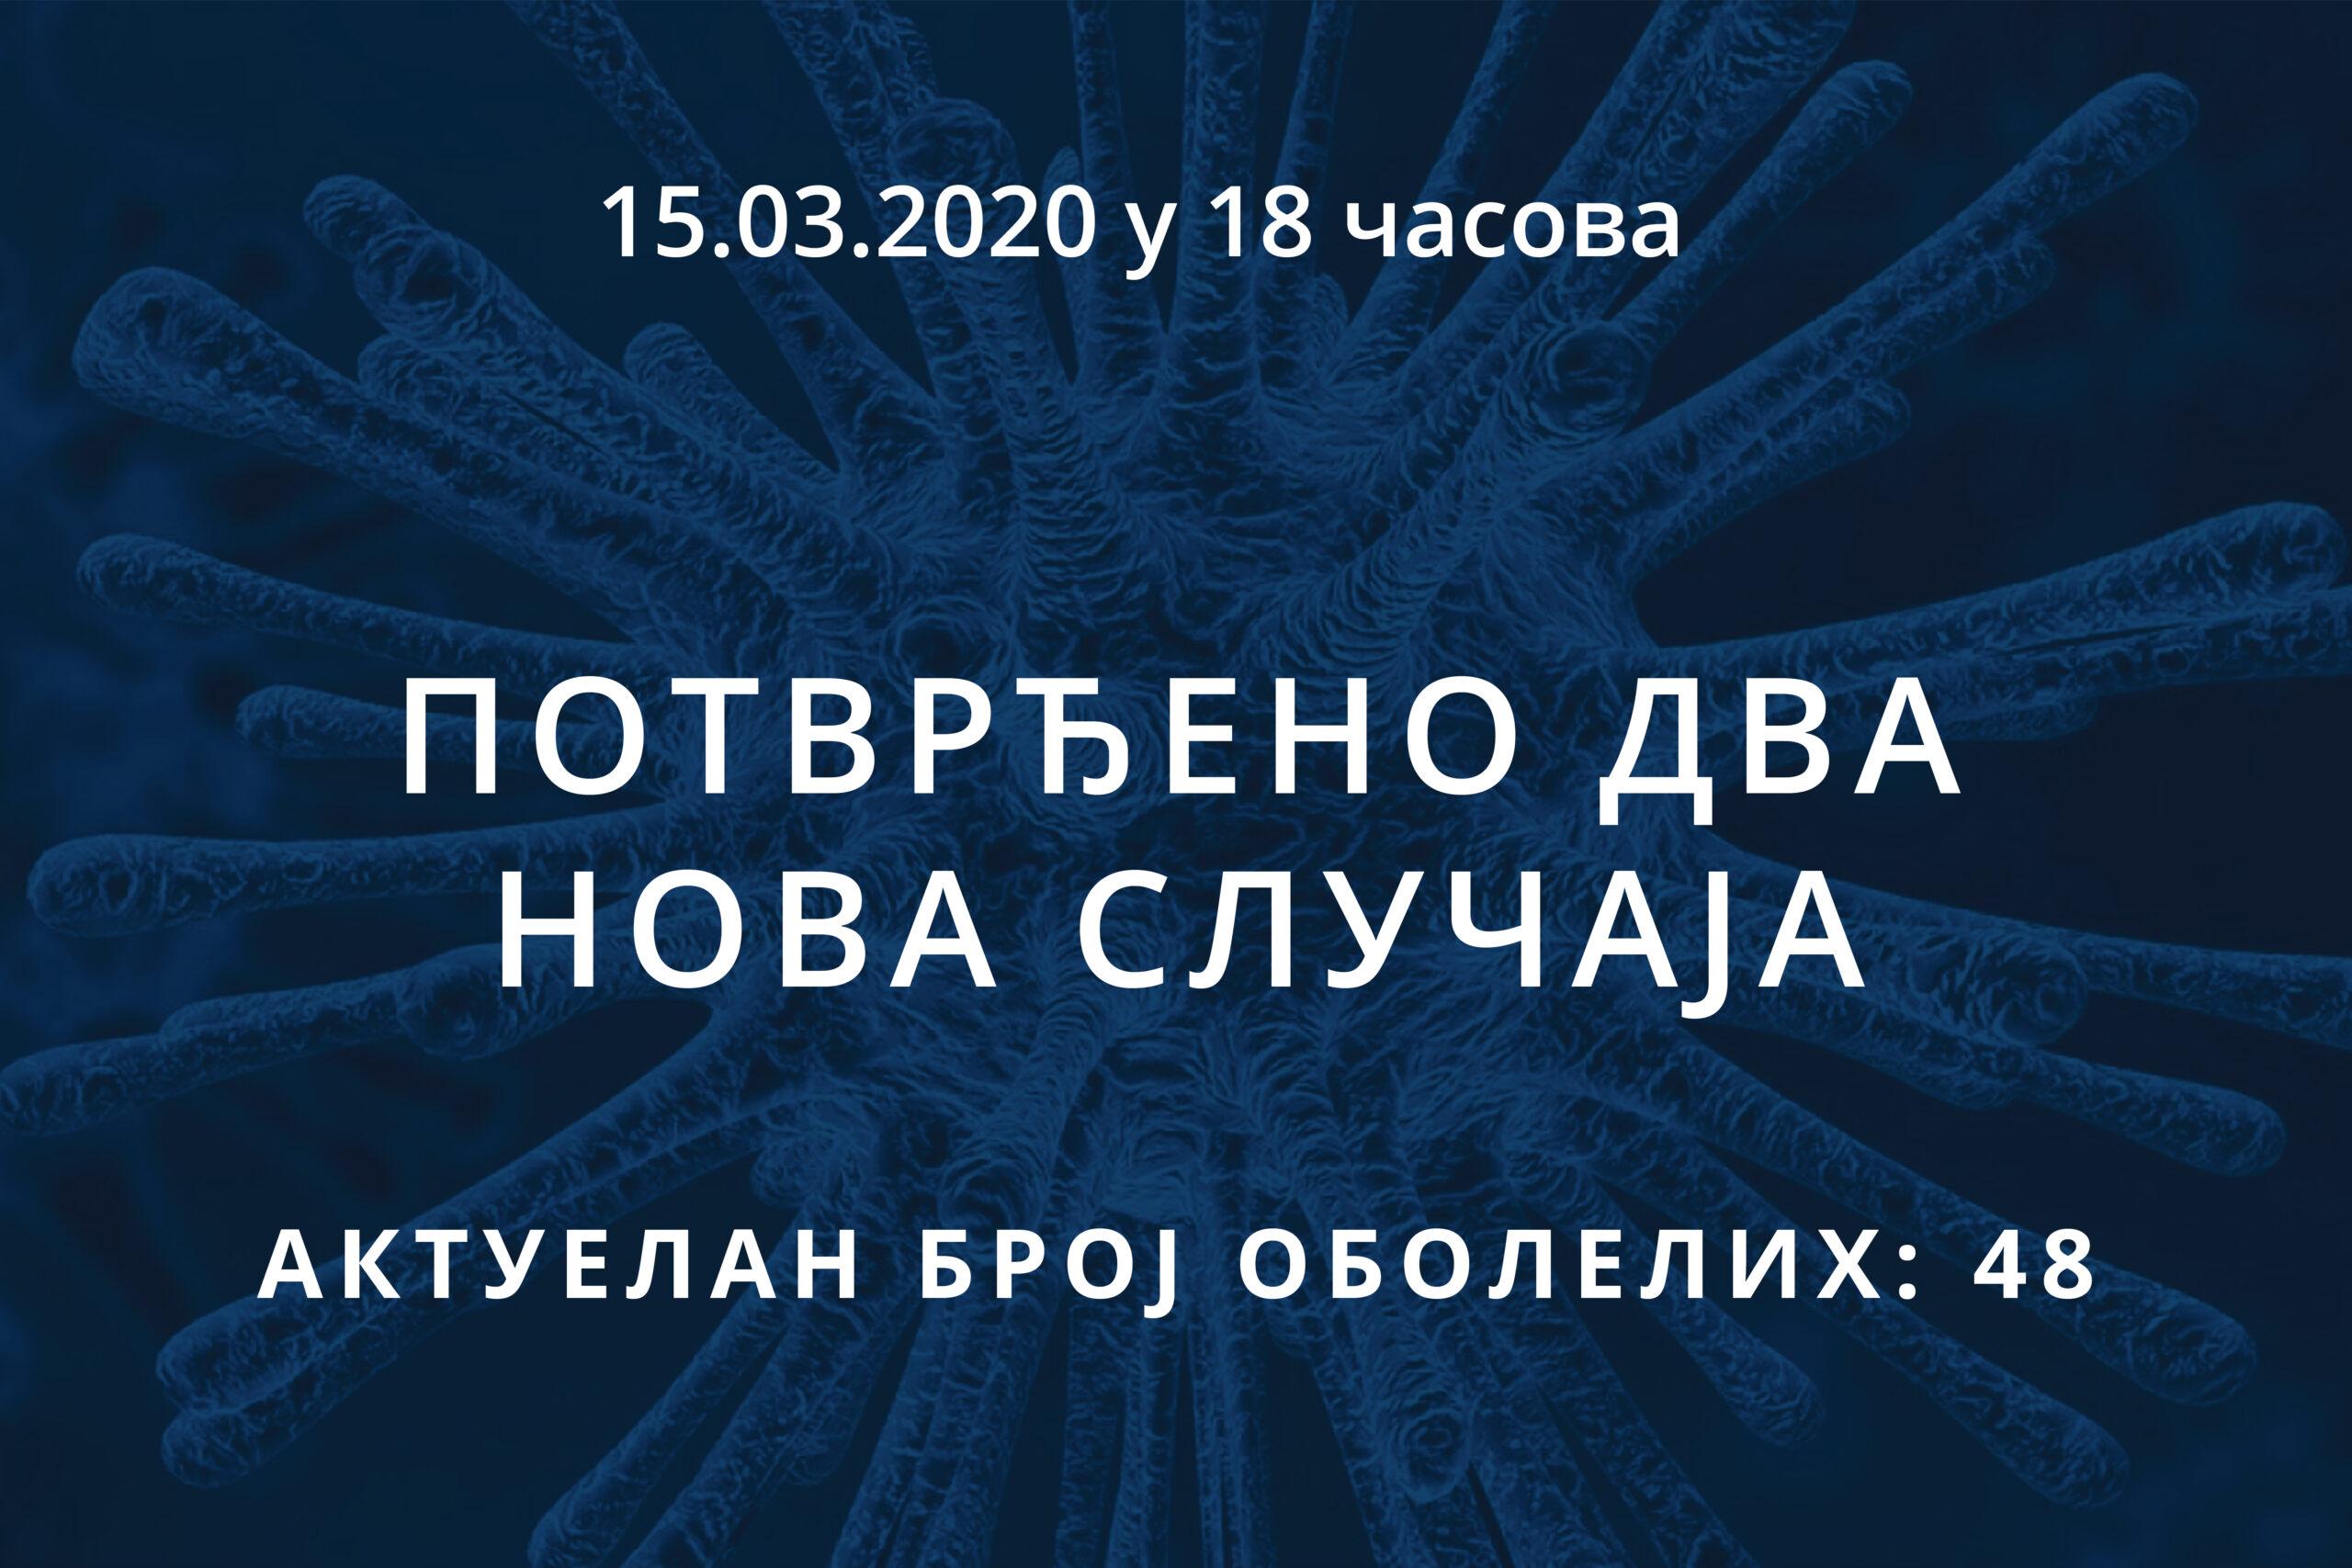 You are currently viewing Информације о корона вирусу COVID-19, 15.03.2020 у 18 часова